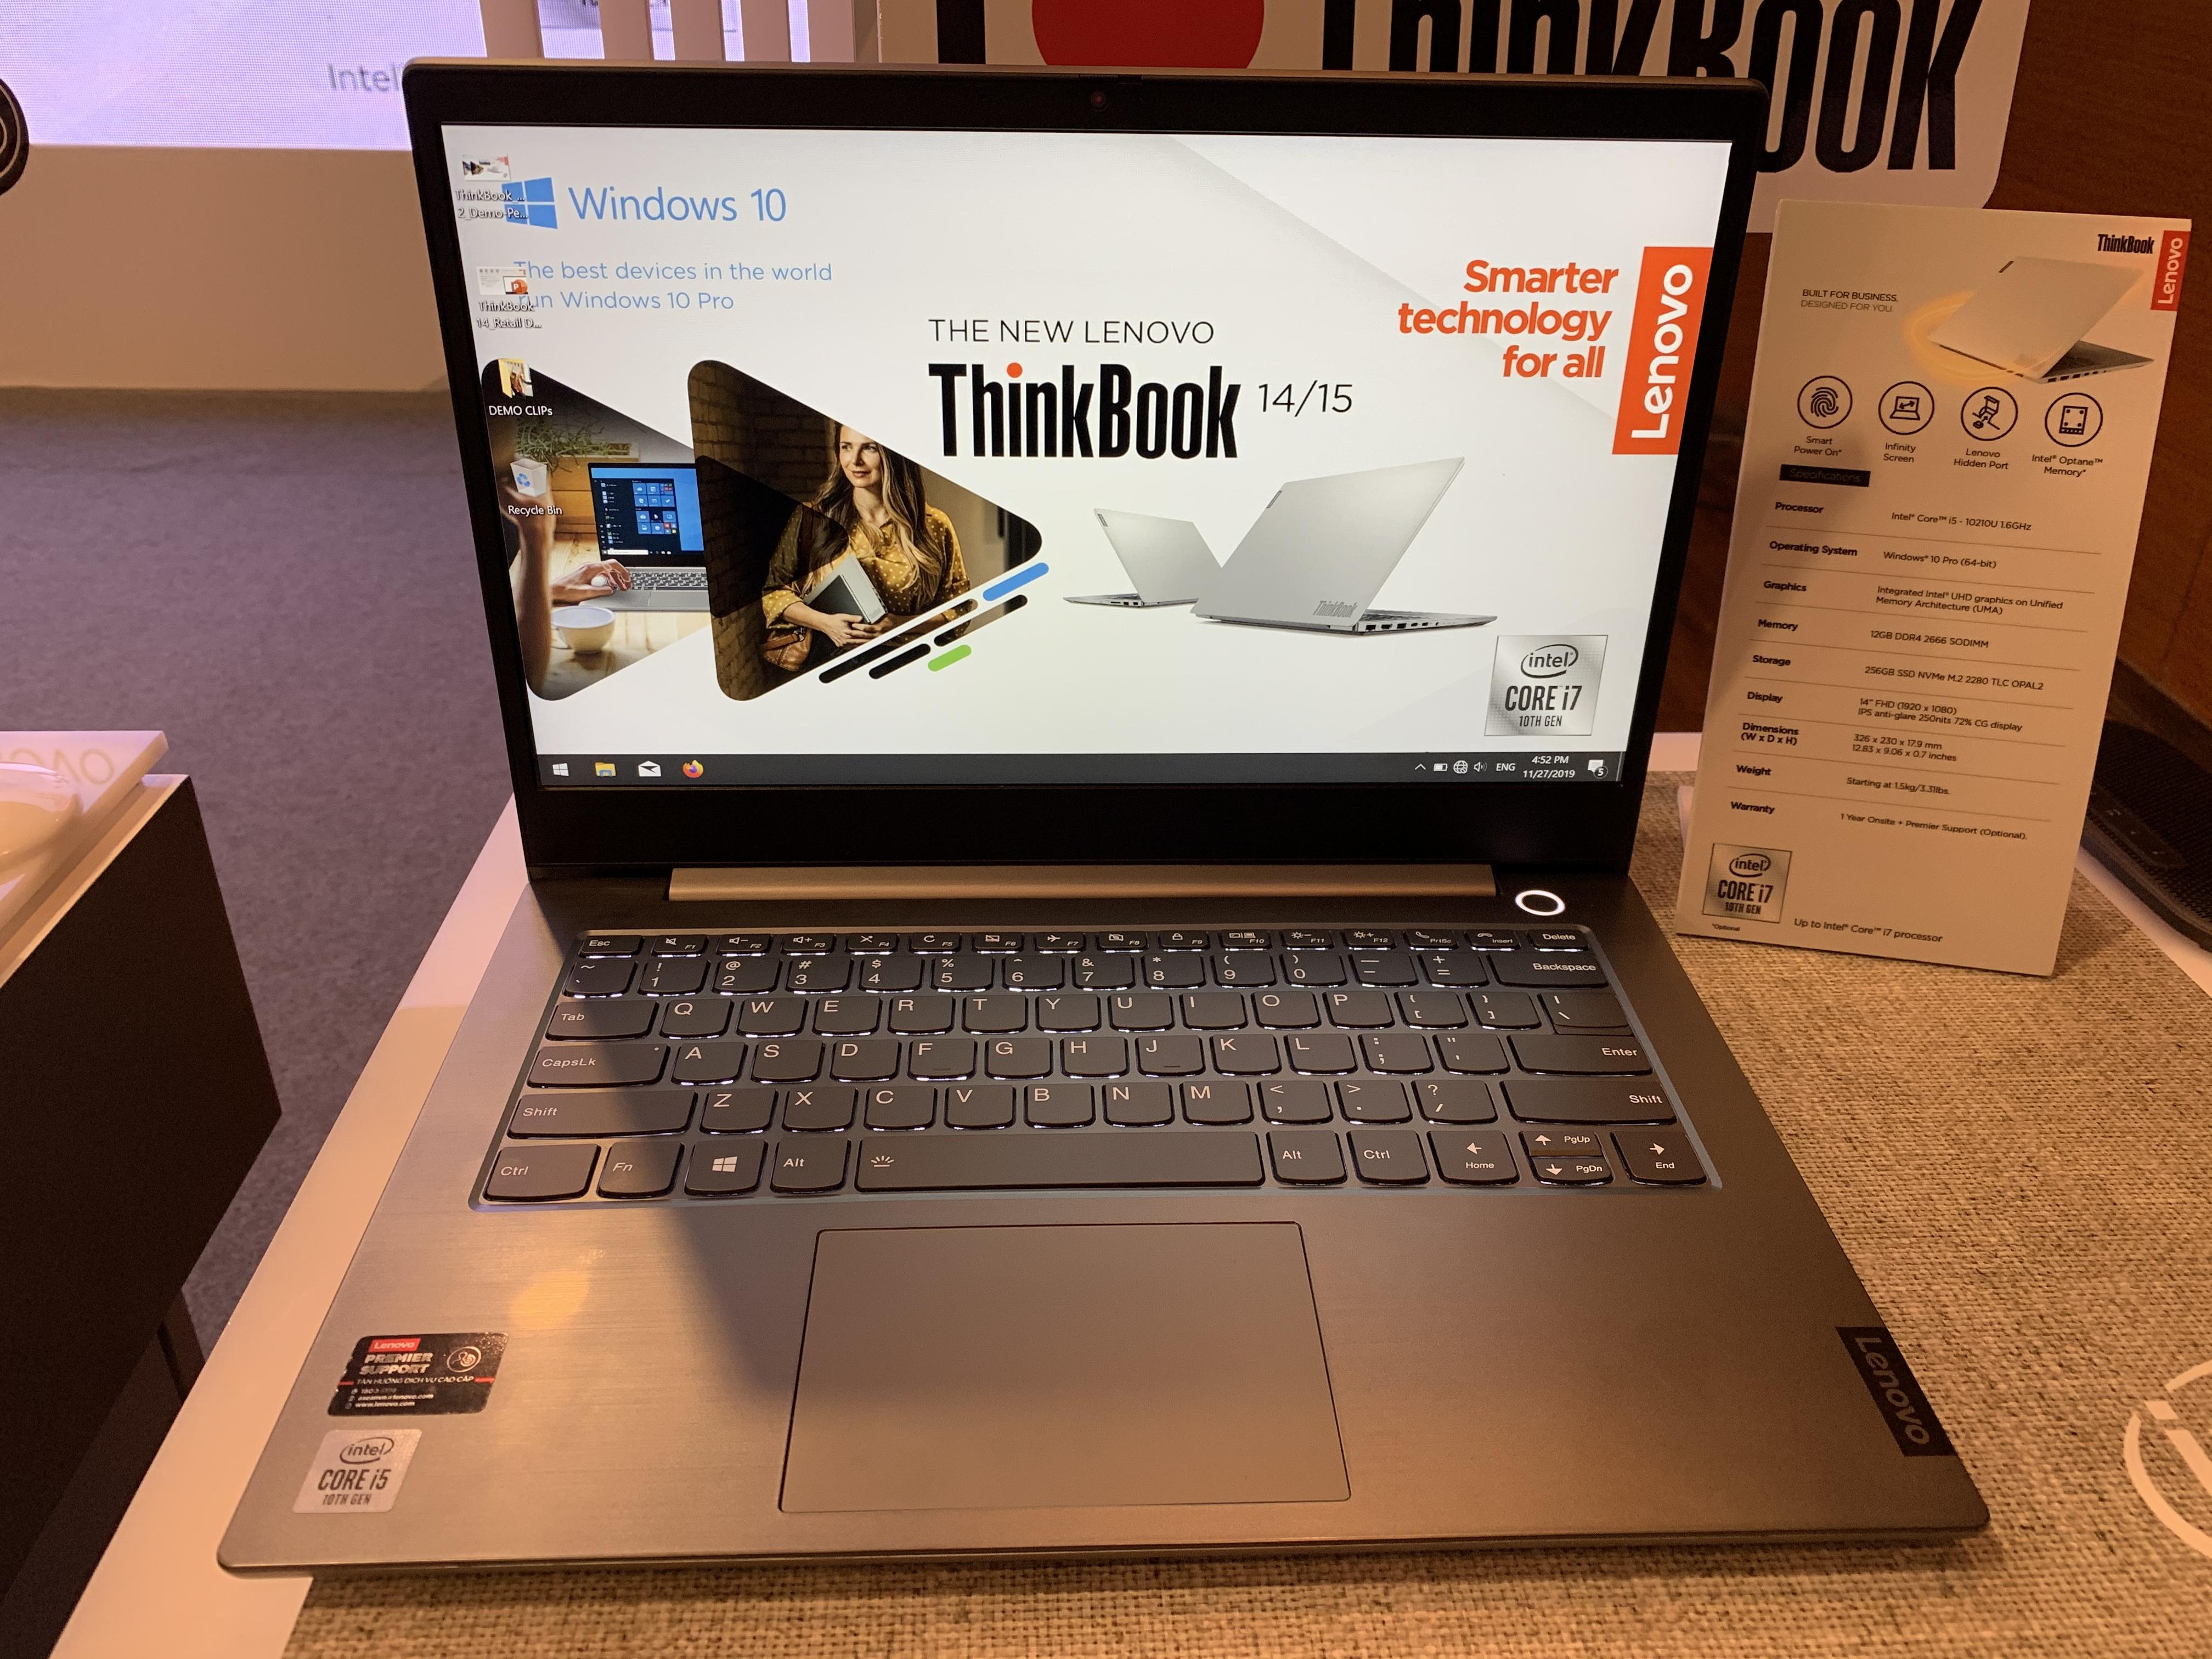 Lenovo ra mắt ThinkBook 14/15: Kiểu dáng mới, bảo mật tốt, giá từ 12 triệu đồng - 4